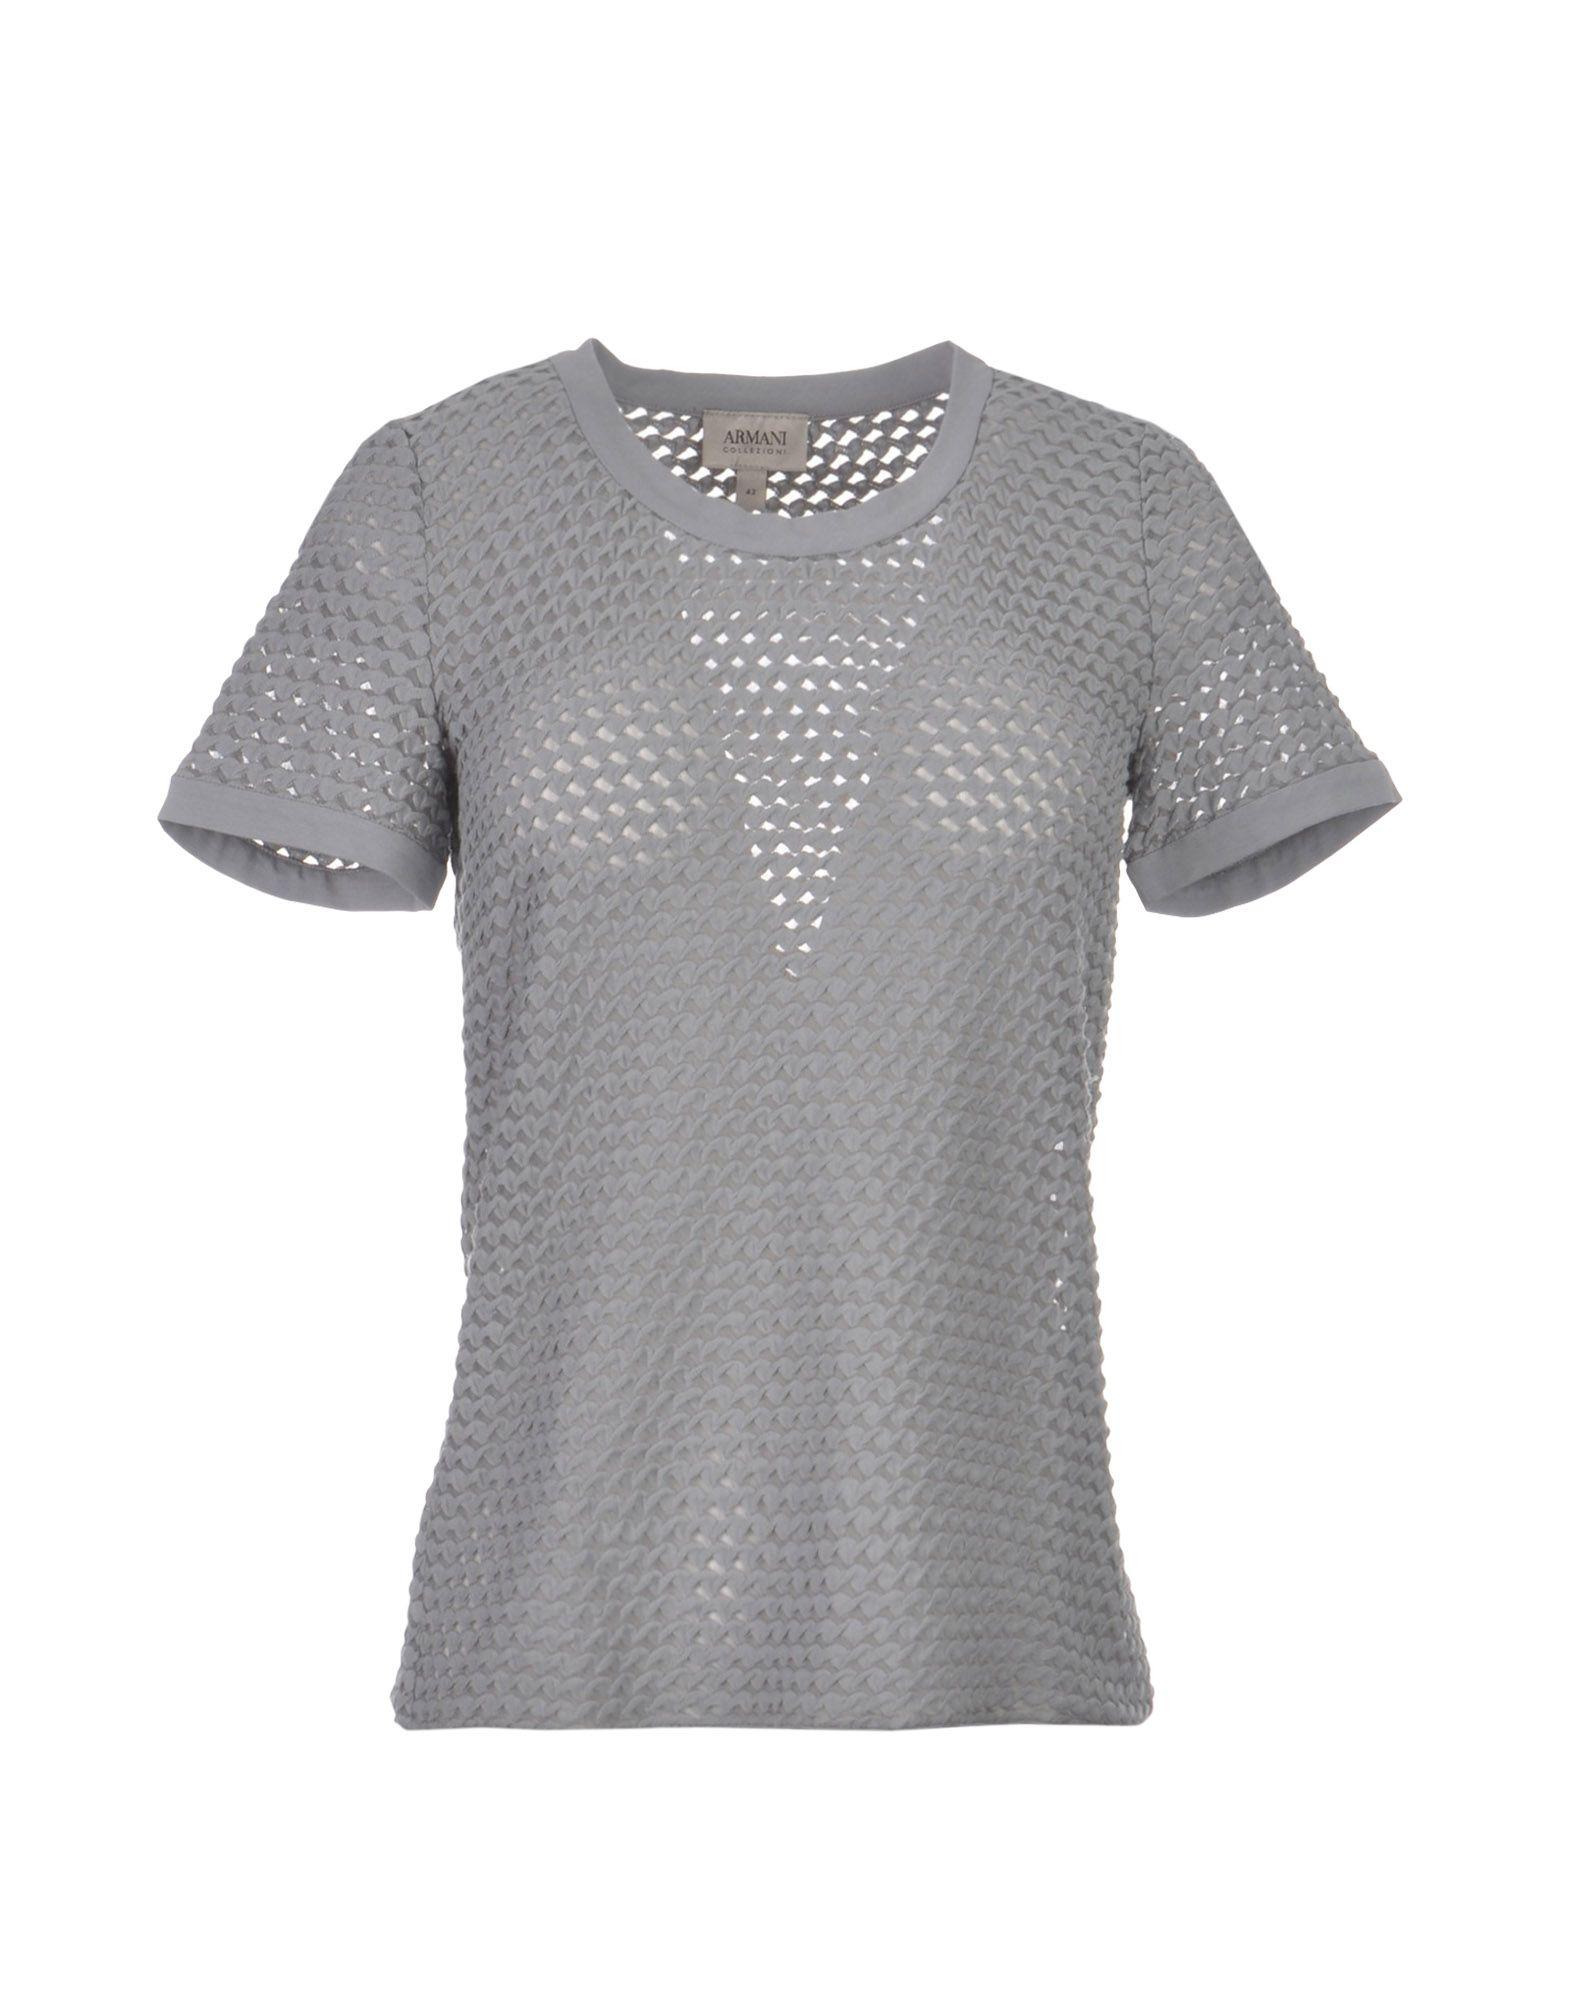 26% ARMANI COLLEZIONI Damen T-shirts Farbe Grau Größe 7